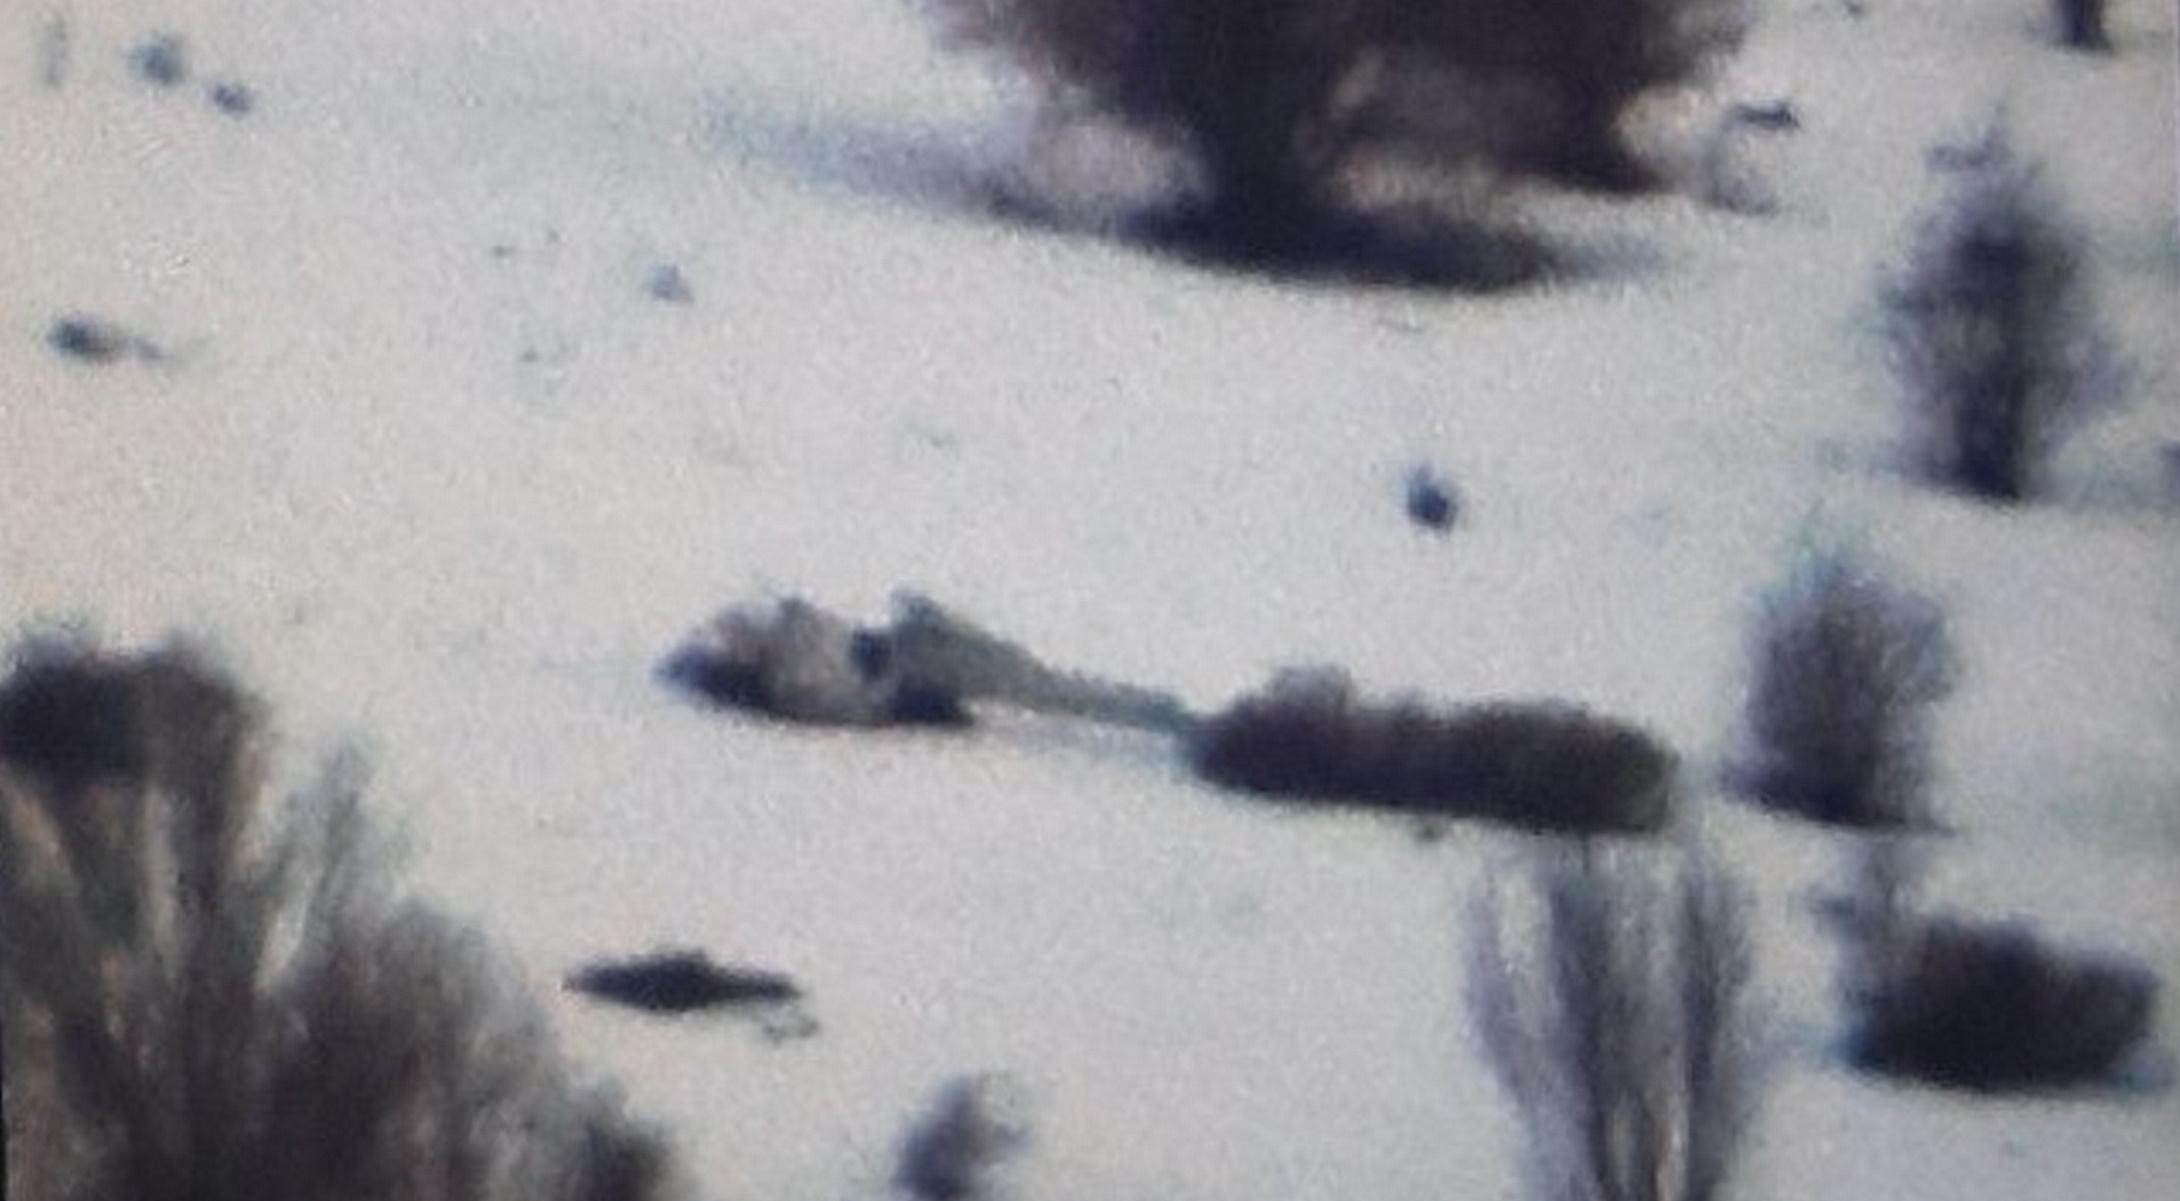 Ιωάννινα: Εντοπίστηκαν συντρίμμια του αεροσκάφους θαμμένα στα χιόνια